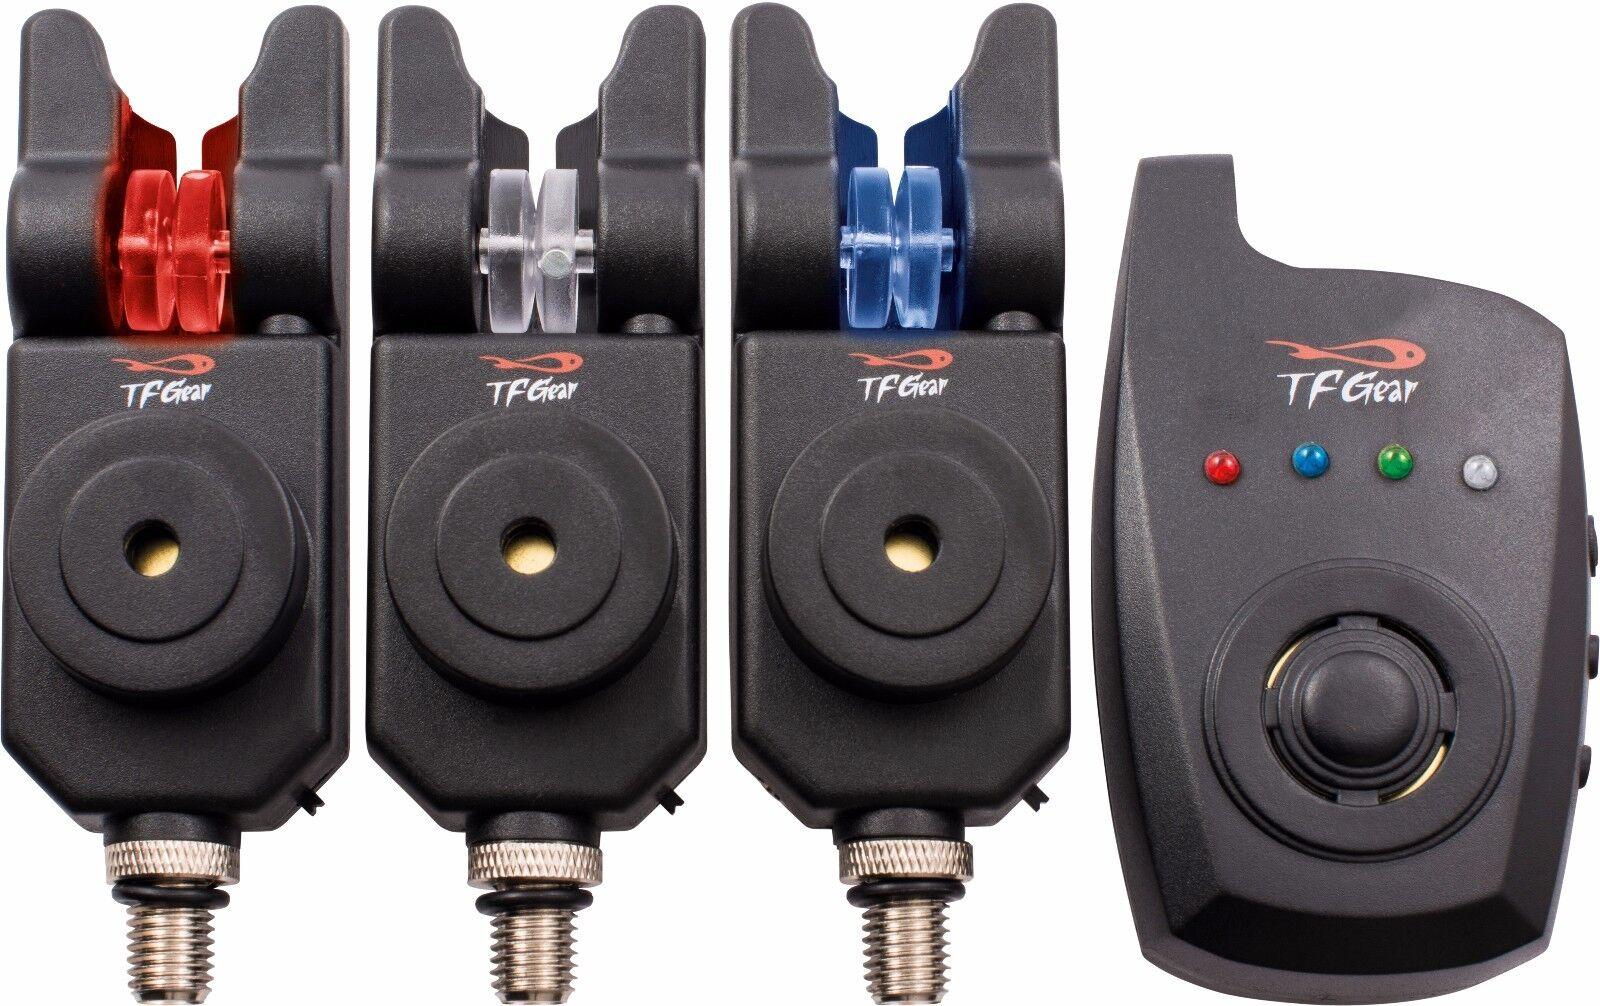 TF Gear Magcorrerener Ignite Pesca della autopa tuttiarme Set EX DEMO 3 PLUS 1 TFG Mag correrener